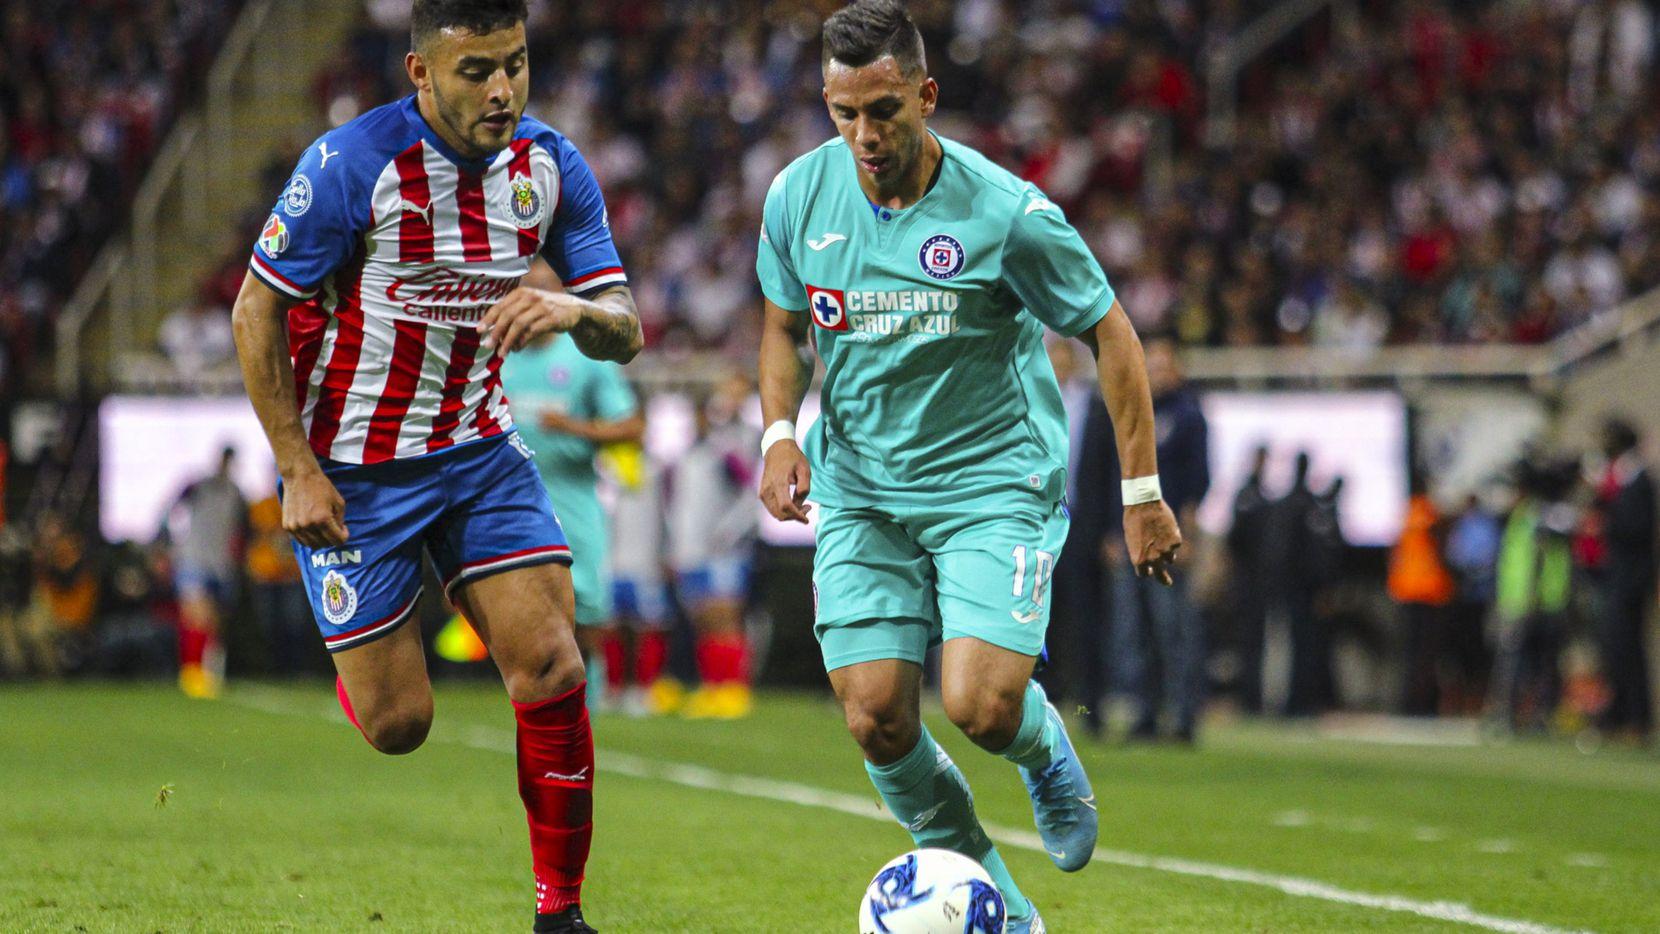 El delantero de Chivas, Alexis Vega (izq), pelea el balón con el jugador de Cruz Azul, Guillermo Fernández, en el juego disputado el 15 de febrero de 2020 en el Estadio Akron de Guadalajara.